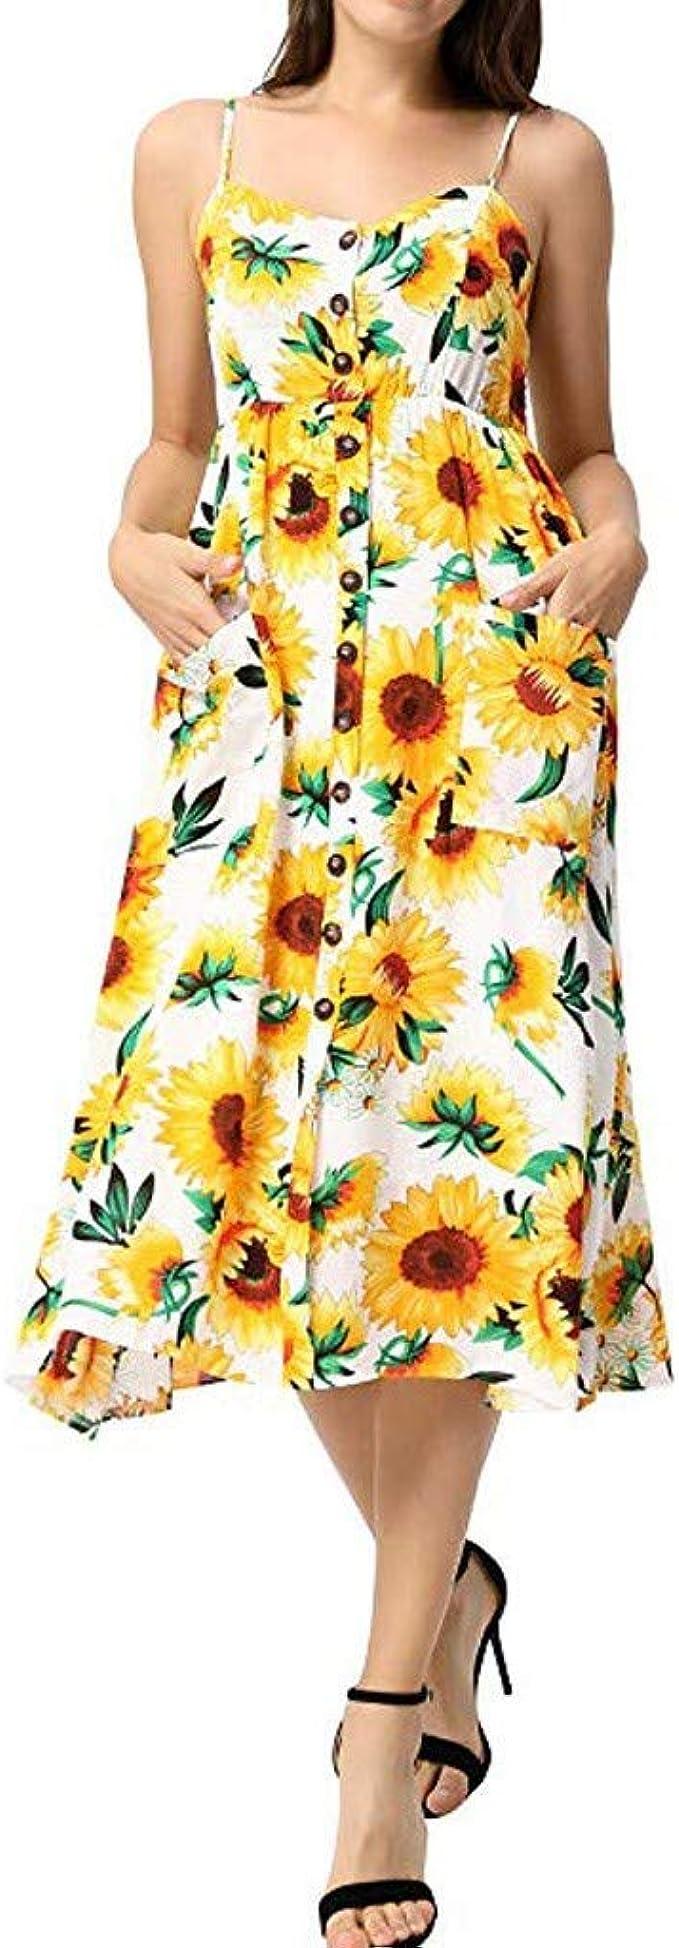 Women Pregnant Maternity Dress Stripe Breastfeeding Summer Backless Skirt Dress